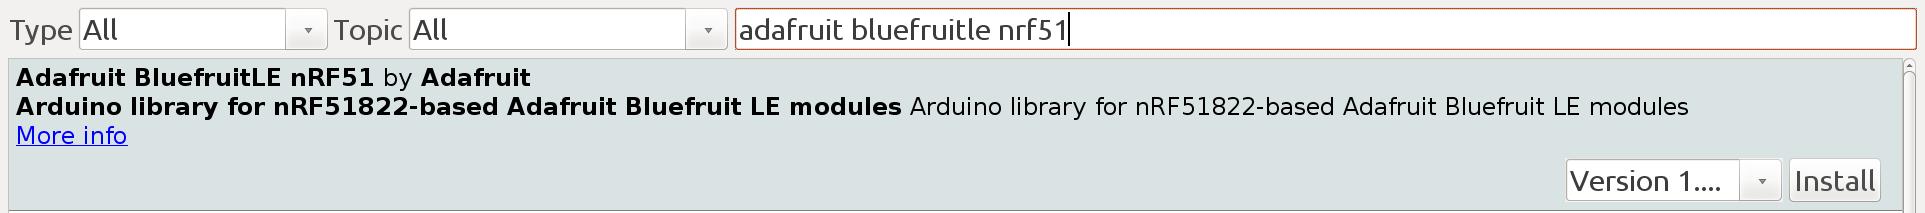 adafruit_products_blenrf51.png